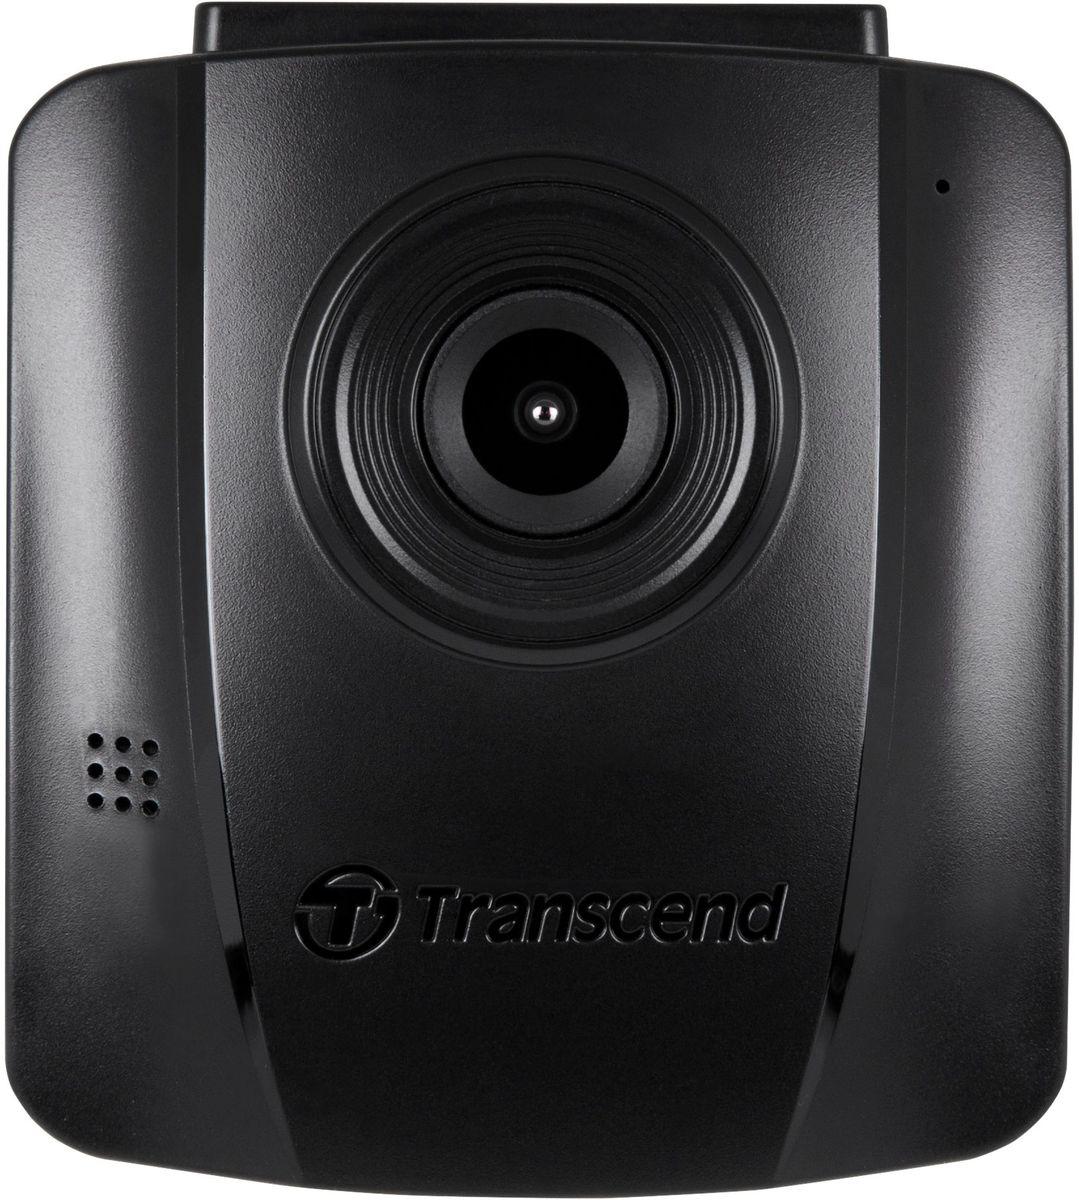 Transcend DrivePro 110видеорегистратор автомобильный + microSD 16GbTS16GDP110MБезопасность на дороге чрезвычайно важна. Автомобильный видеорегистратор Transcend DrivePro 110 оснащен матрицей Sony, позволяющей даже при низкой освещенности снимать видео высокого разрешения с невероятно точной передачей яркости. Кроме того, DrivePro 110 оснащен встроенным аккумулятором, удобной кнопкой сохранения снимка, функцией экстренной записи и напоминания о необходимости включить фары, а также системой распознавания усталости водителя.DrivePro 110 оснащен матрицей Sony, позволяющей даже при низкой освещенности получать изображение с высоким разрешением и отличной насыщенной цветопередачей. Технология расширения динамического диапазона Wide Dynamic Range (WDR) помогает сбалансировать яркие и темные зоны изображения, обеспечивая максимальную четкость каждого кадра.Встроенный литий-полимерный аккумулятор обеспечивает автономную работу устройства. Даже если двигатель был выключен в случае происшествия, запись будет сохранена.Удобная кнопка сохранения фотографий позволяет сохранять фотоснимки во время записи видео. После инцидента пользователь может извлечь DrivePro 110 из автомобиля, чтобы зафиксировать повреждения.В случае столкновения встроенный G-датчик переведет видеорегистратор в режим экстренной записи. Это позволяет защитить ранее сохраненные файлы от перезаписи. Вы также можете вручную активировать режим экстренной записи, нажав красную кнопку на боковой панели устройства.Помимо съемки дорожной обстановки во время движения, DrivePro 110 может присматривать за вашим автомобилем, когда он припаркован. Включение функции замедленной съемки позволяет избежать необходимости просмотра всей видеозаписи и сразу приступить к изучению фрагментов, непосредственно относящихся к происшествию.В случае снижения уровня освещения, например, вечером или в местах с недостаточным уровнем освещения, например, в туннеле или подвале, будет автоматически выведено напоминание о необходимости включить 